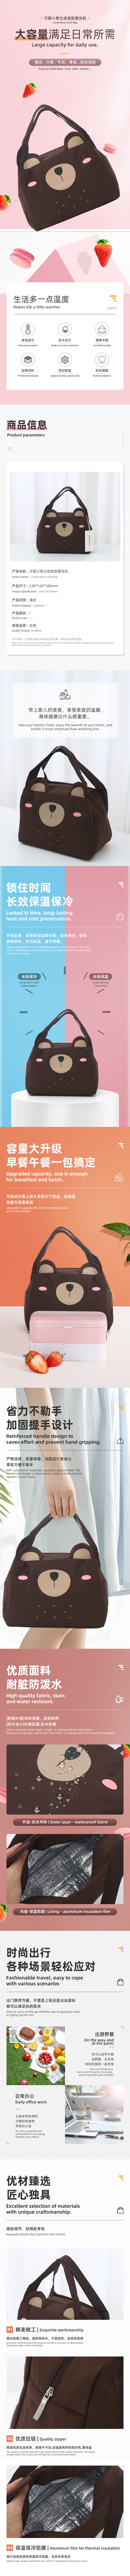 Lovely Bear Lunch Bag /></p> </div> </div> </div> <div class=